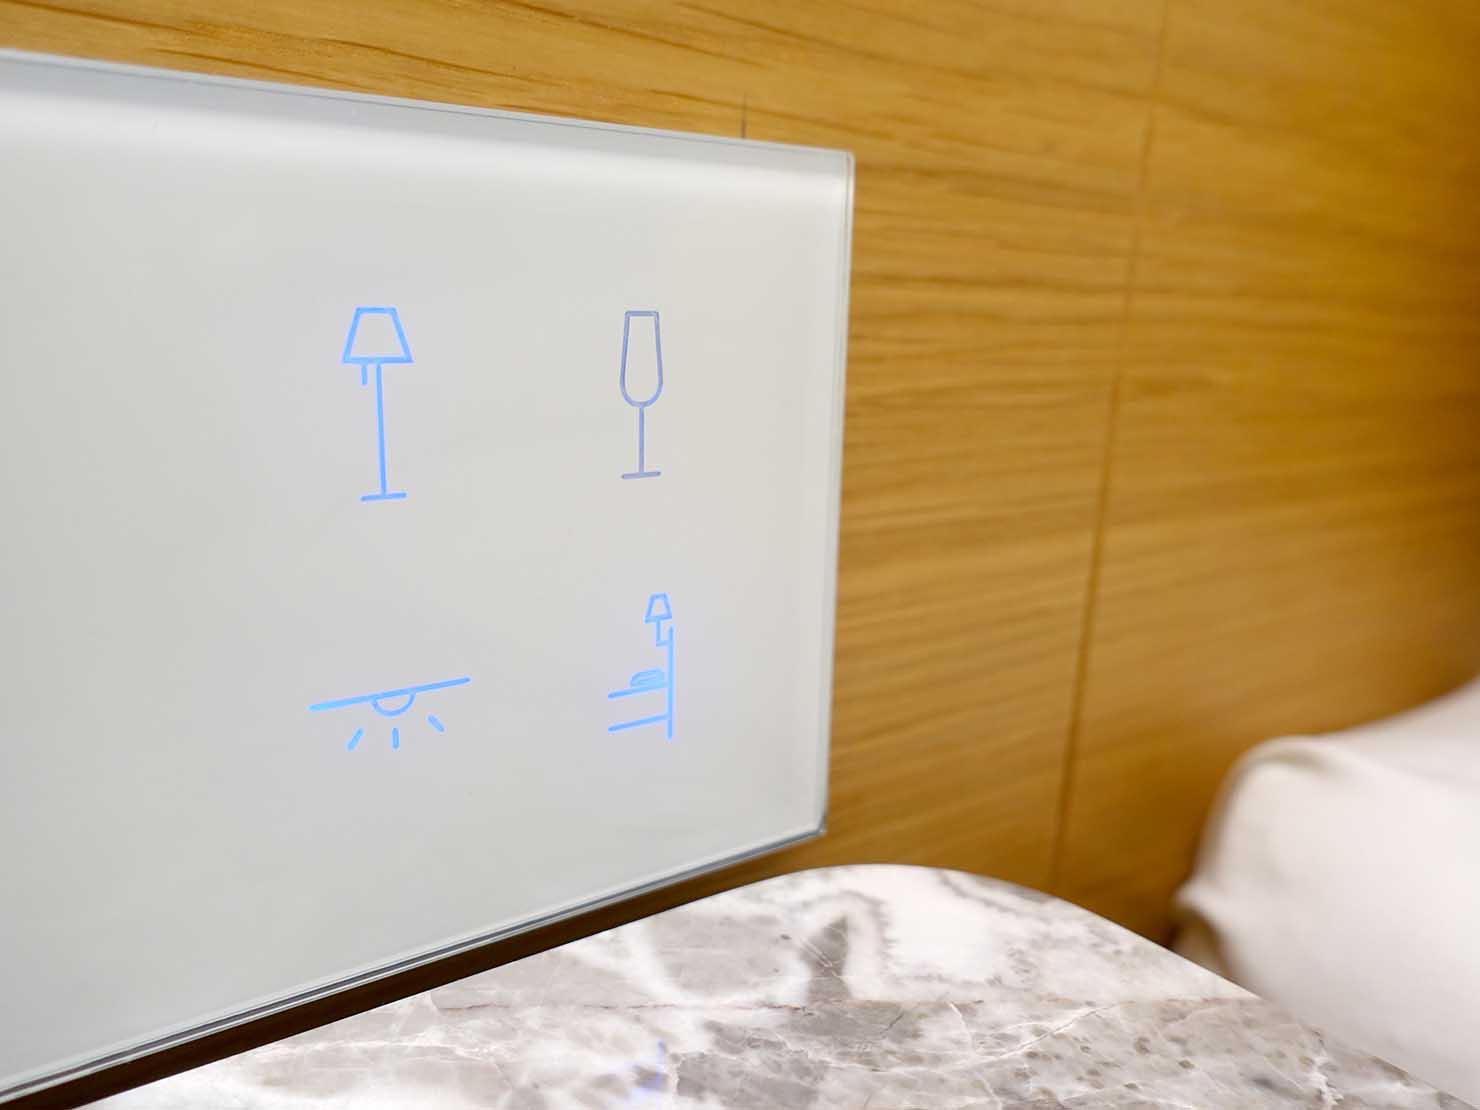 台中のおすすめホテル「卡爾登飯店 The Carlton」デラックスダブルルームのアイコン